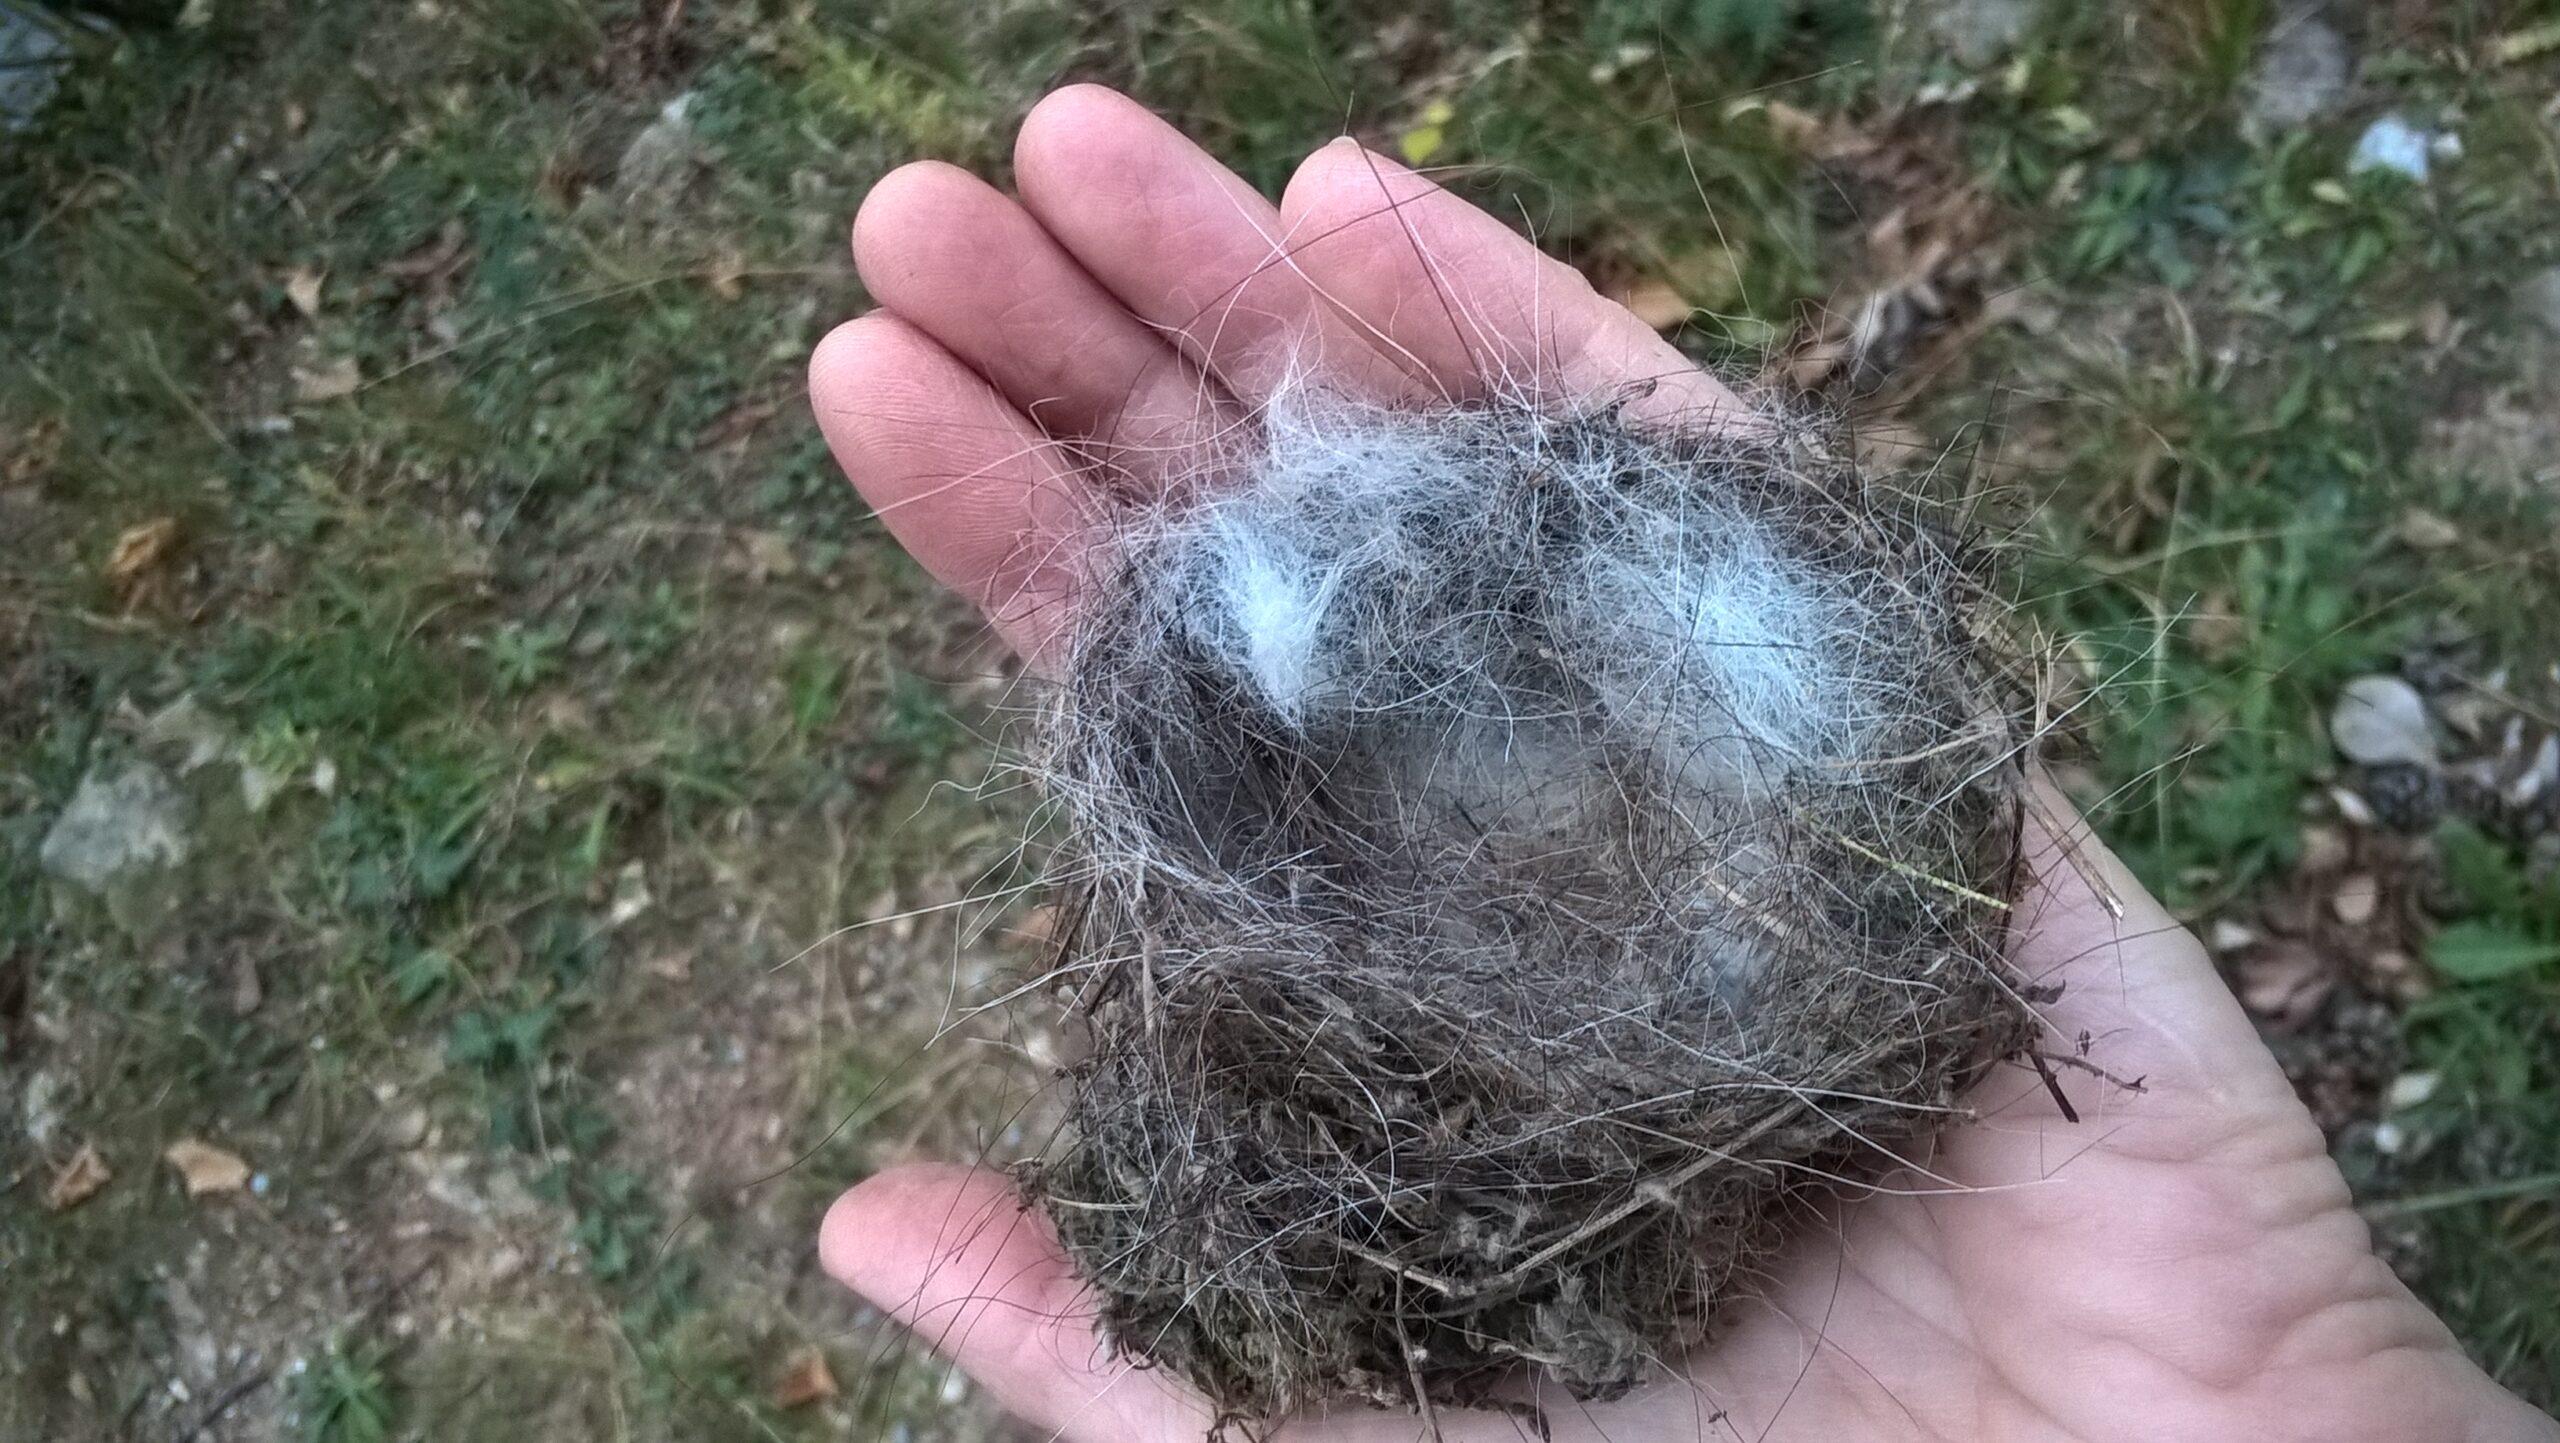 Una mano aperto che tiene un nido d'uccello